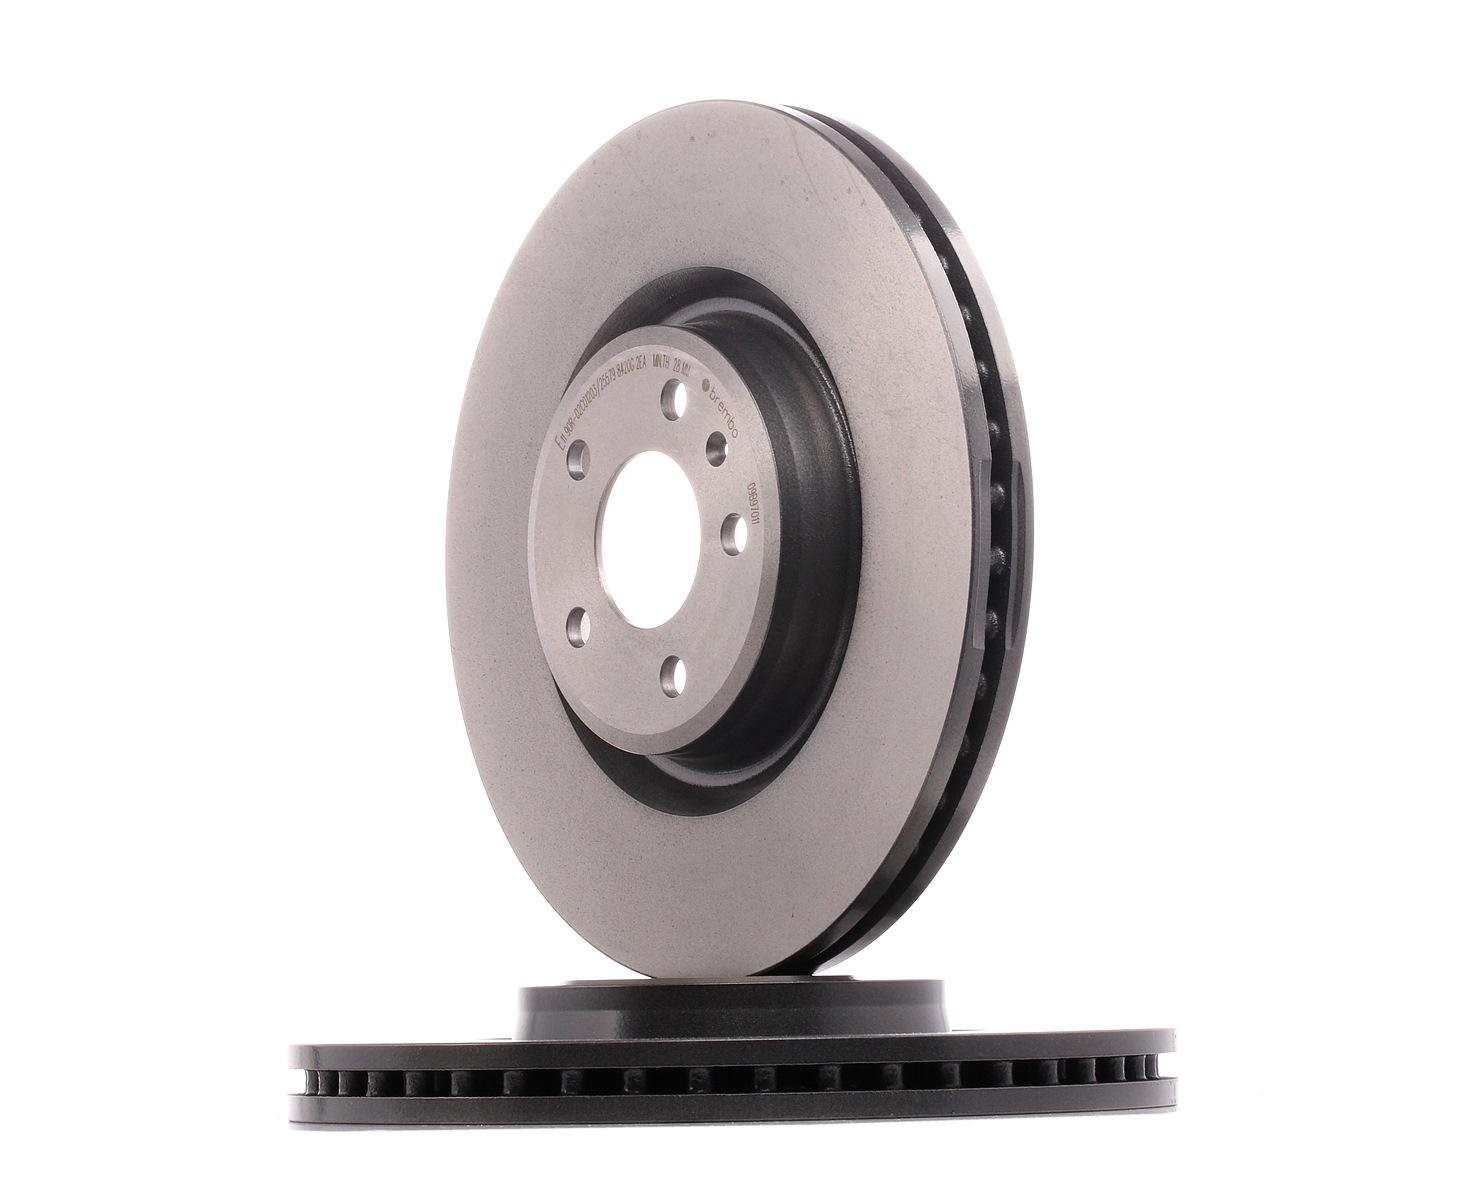 Achetez Disques de frein BREMBO 09.B970.11 (Ø: 345mm, Nbre de trous: 5, Épaisseur du disque de frein: 30mm) à un rapport qualité-prix exceptionnel